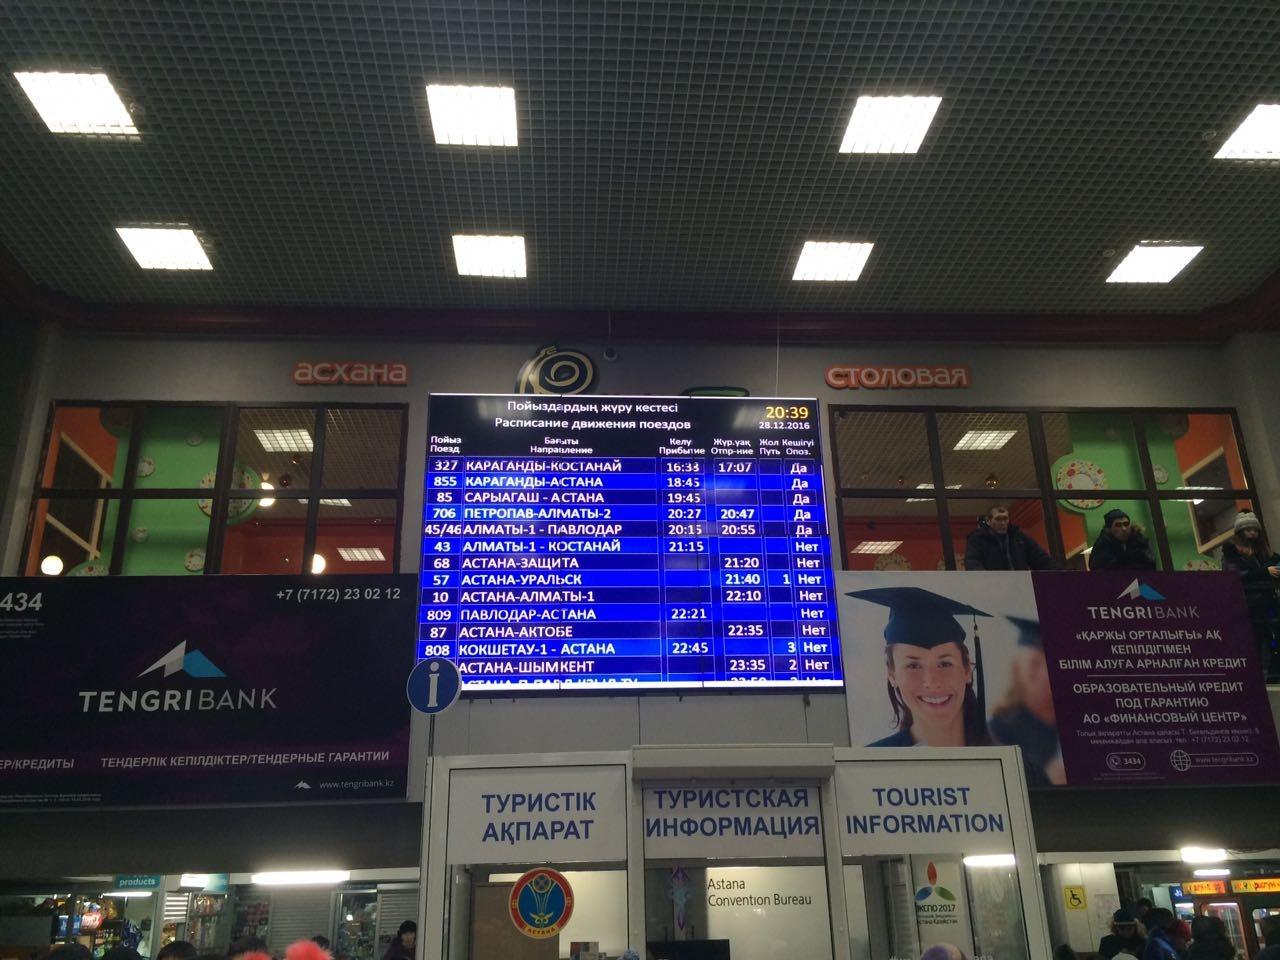 В Казахстане задерживаются 14 поездов